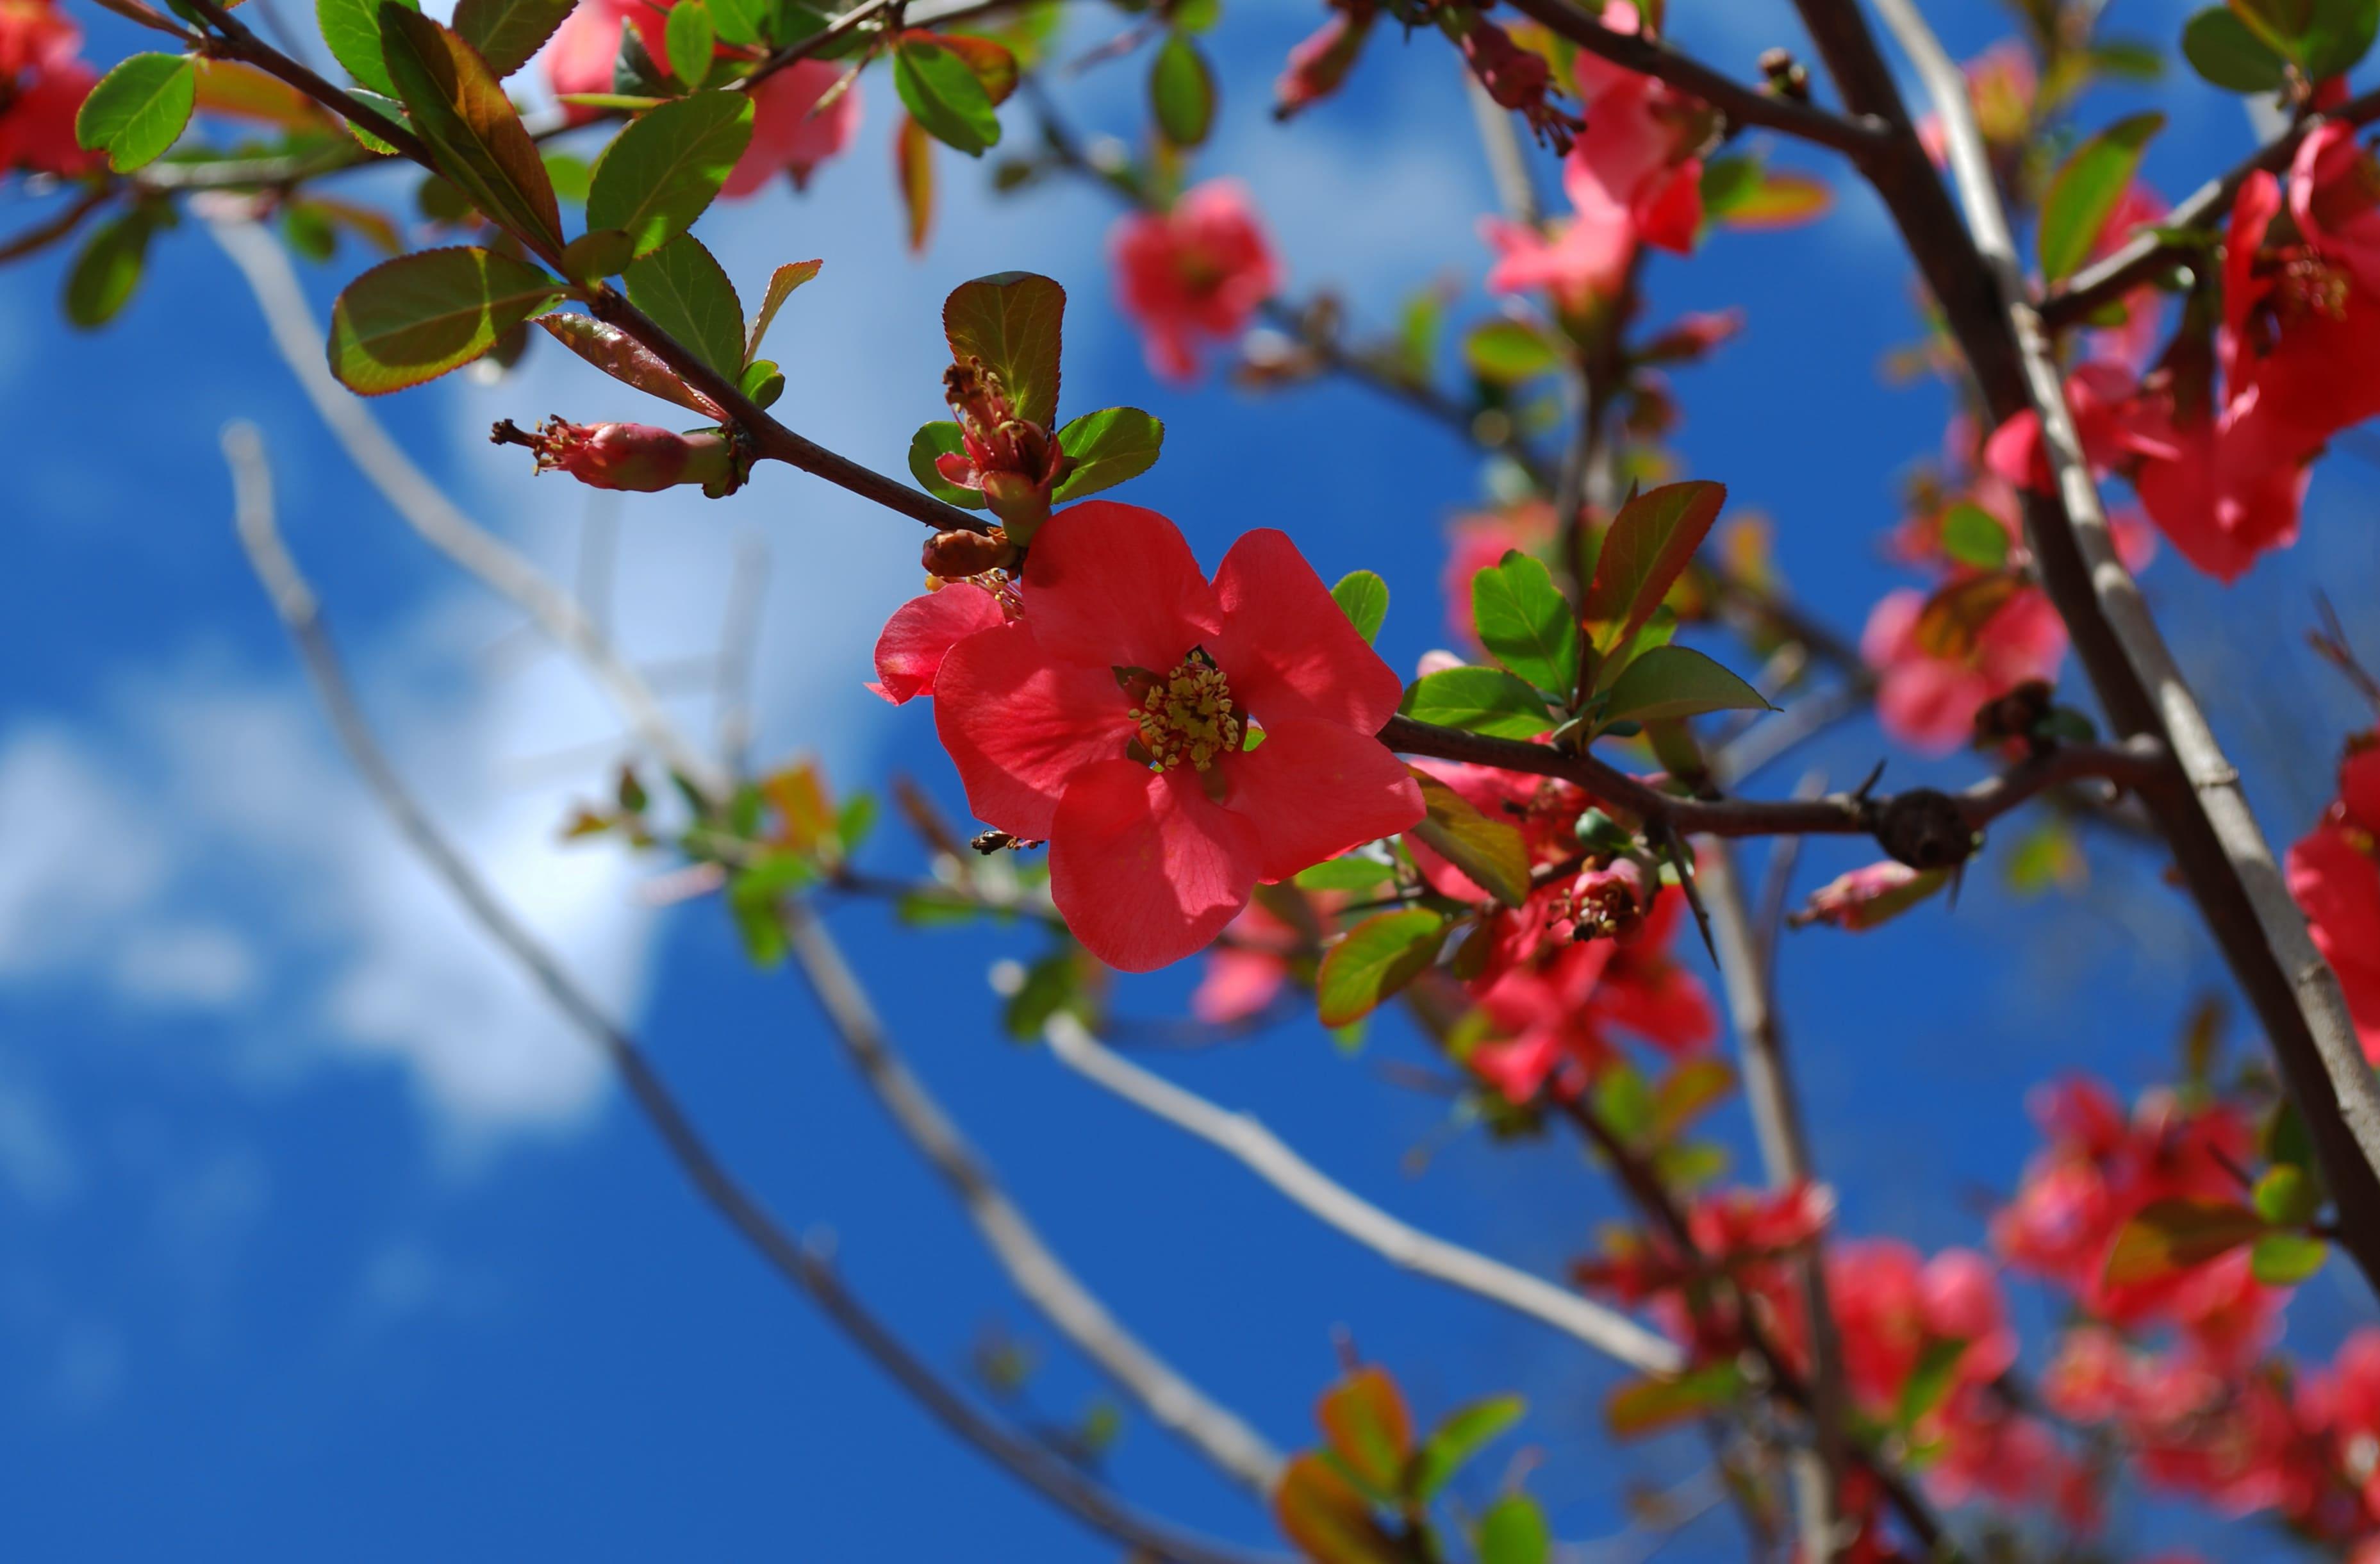 sakura-in-bloom-93